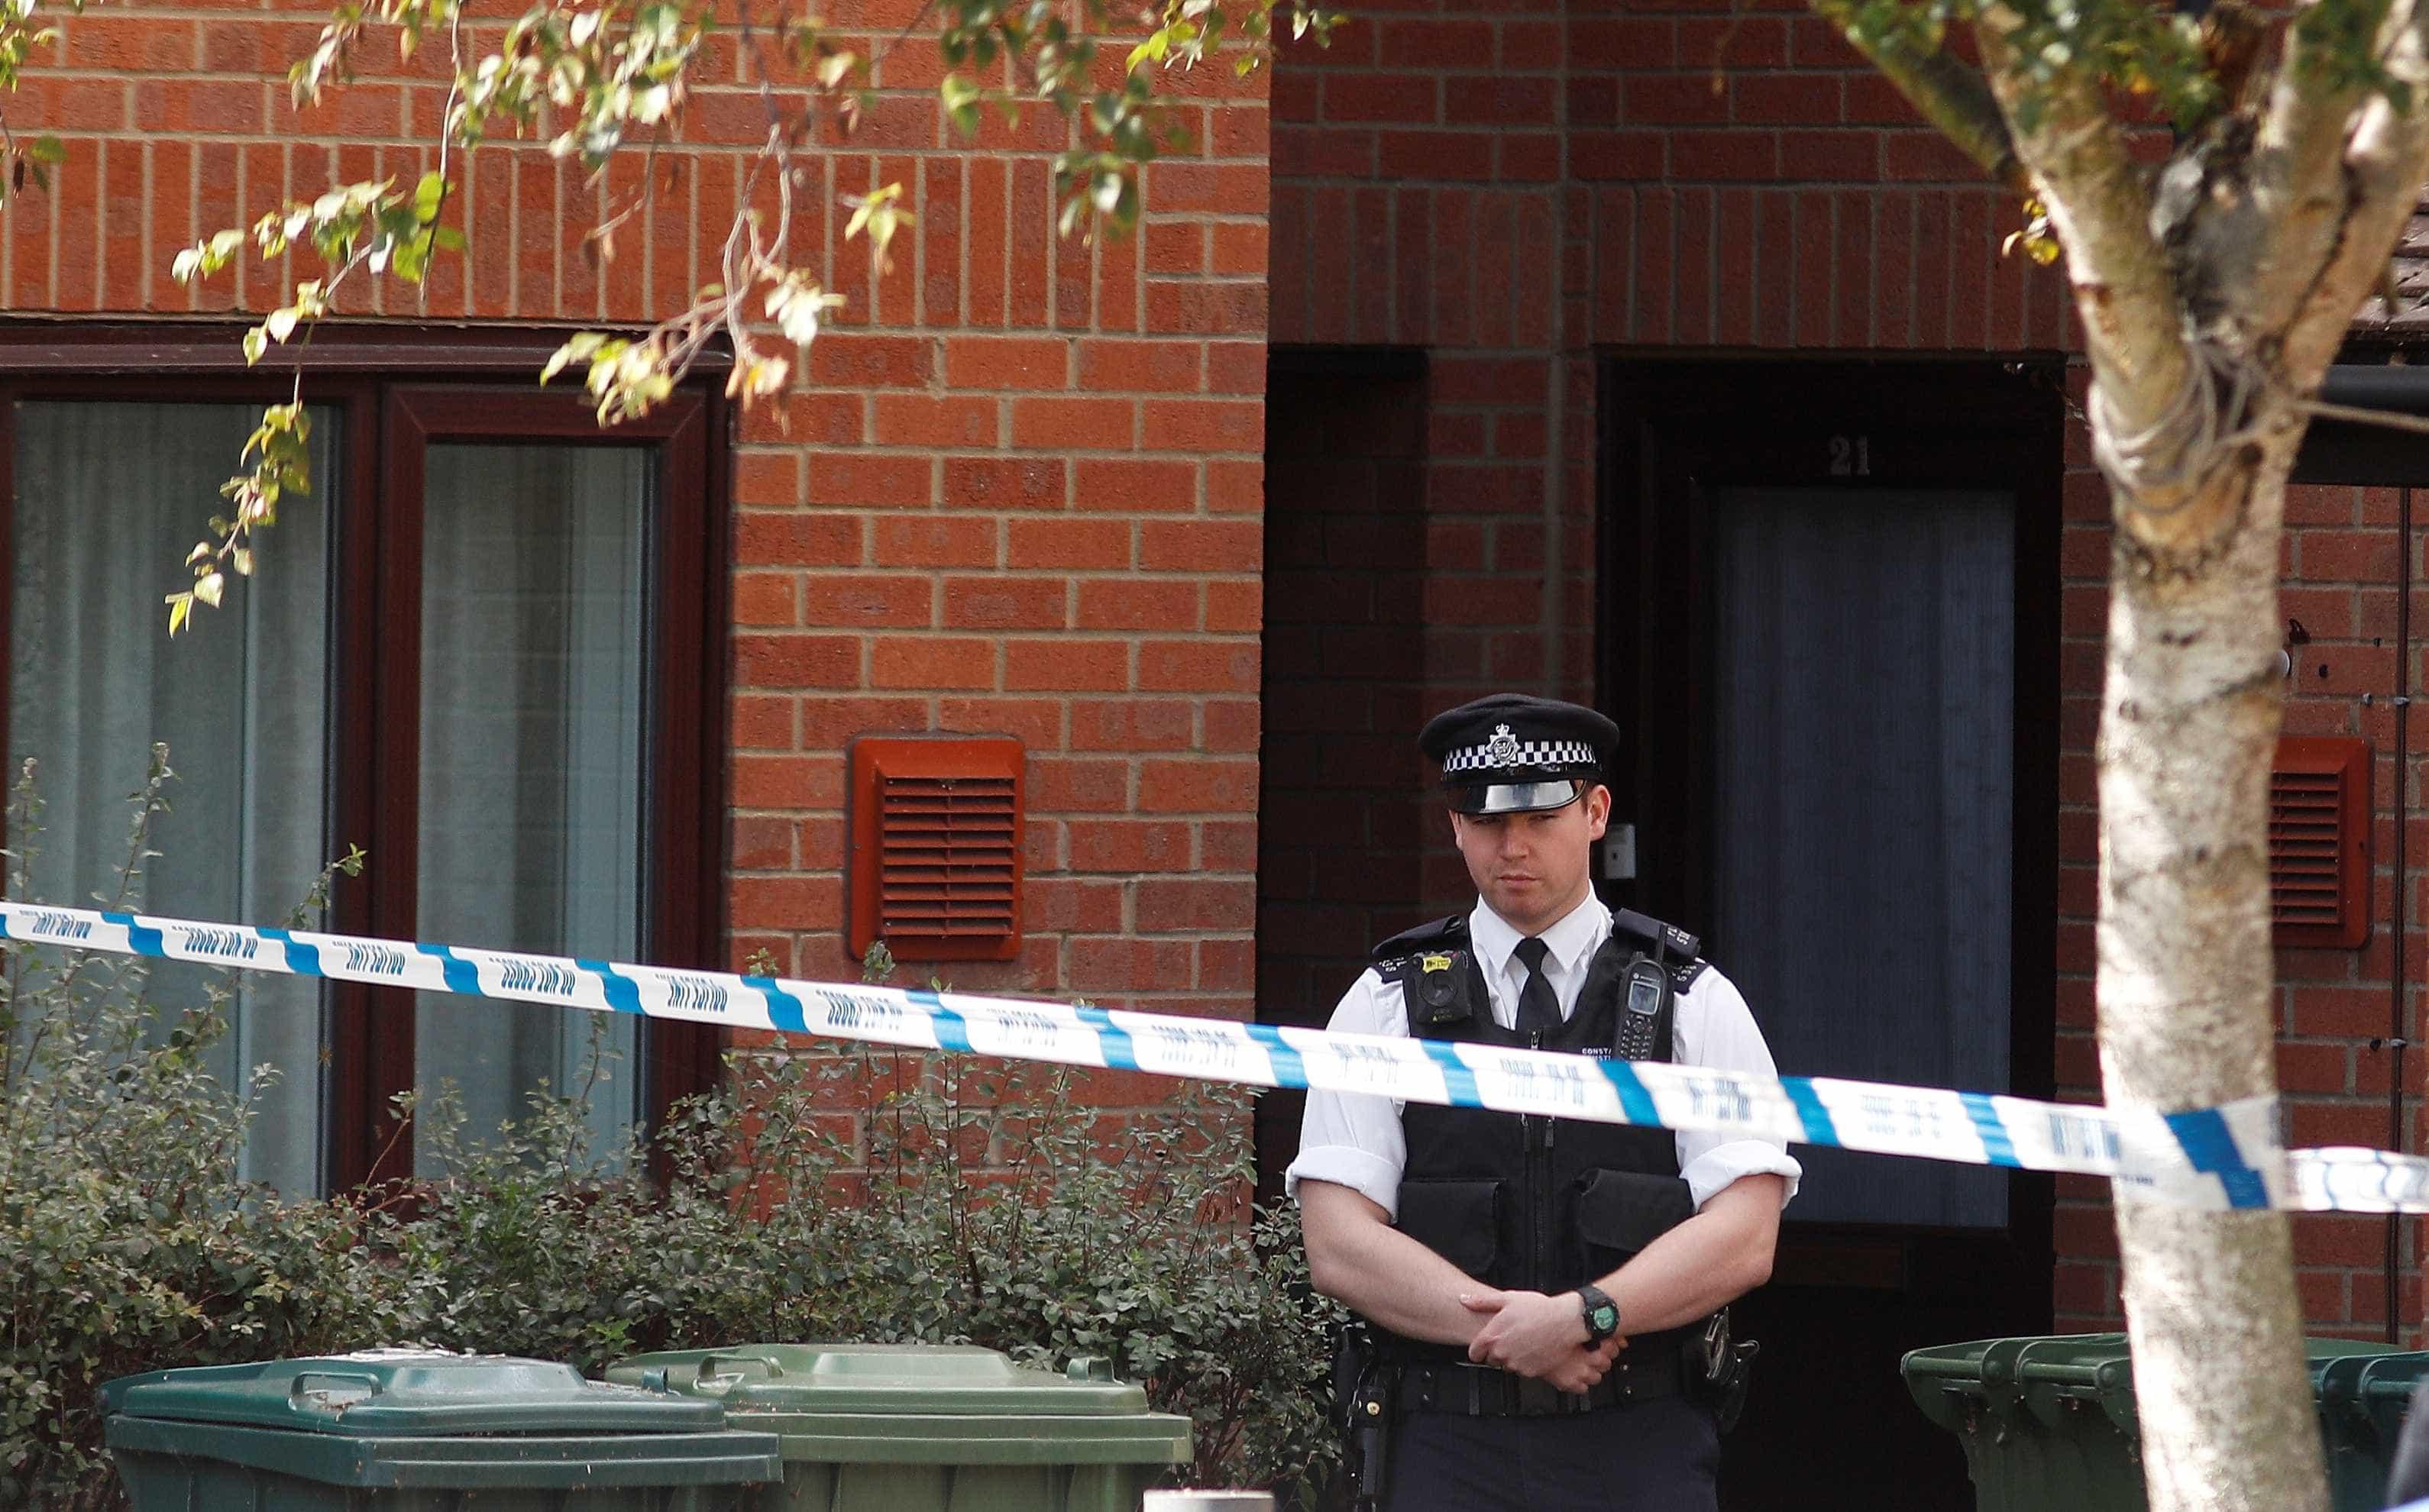 Octagenária suspeita de matar companheiro à facada no Reino Unido